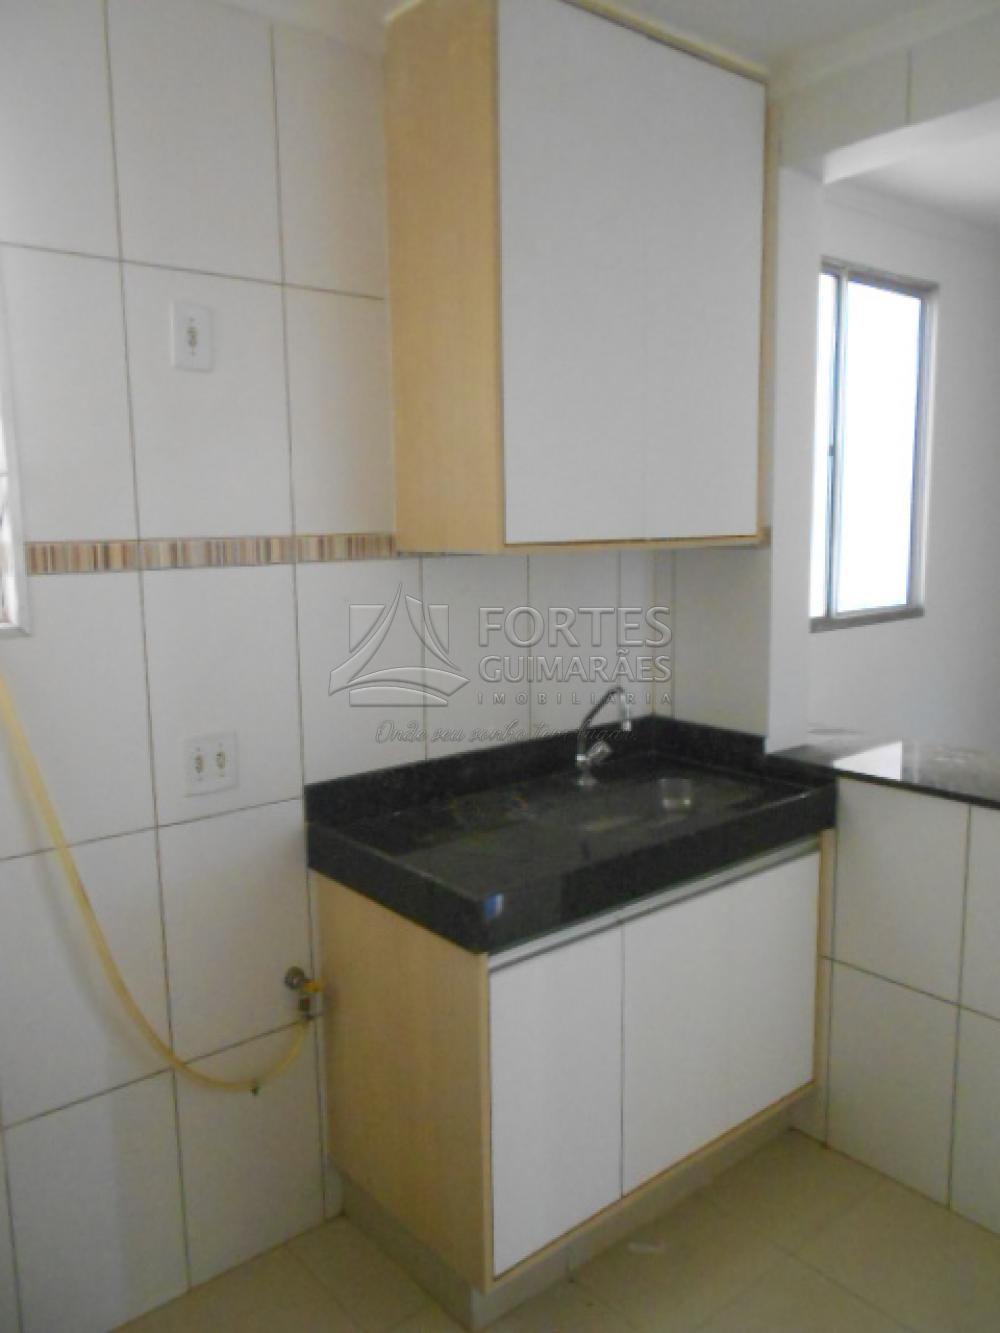 Alugar Apartamentos / Cobertura em Ribeirão Preto apenas R$ 1.000,00 - Foto 40